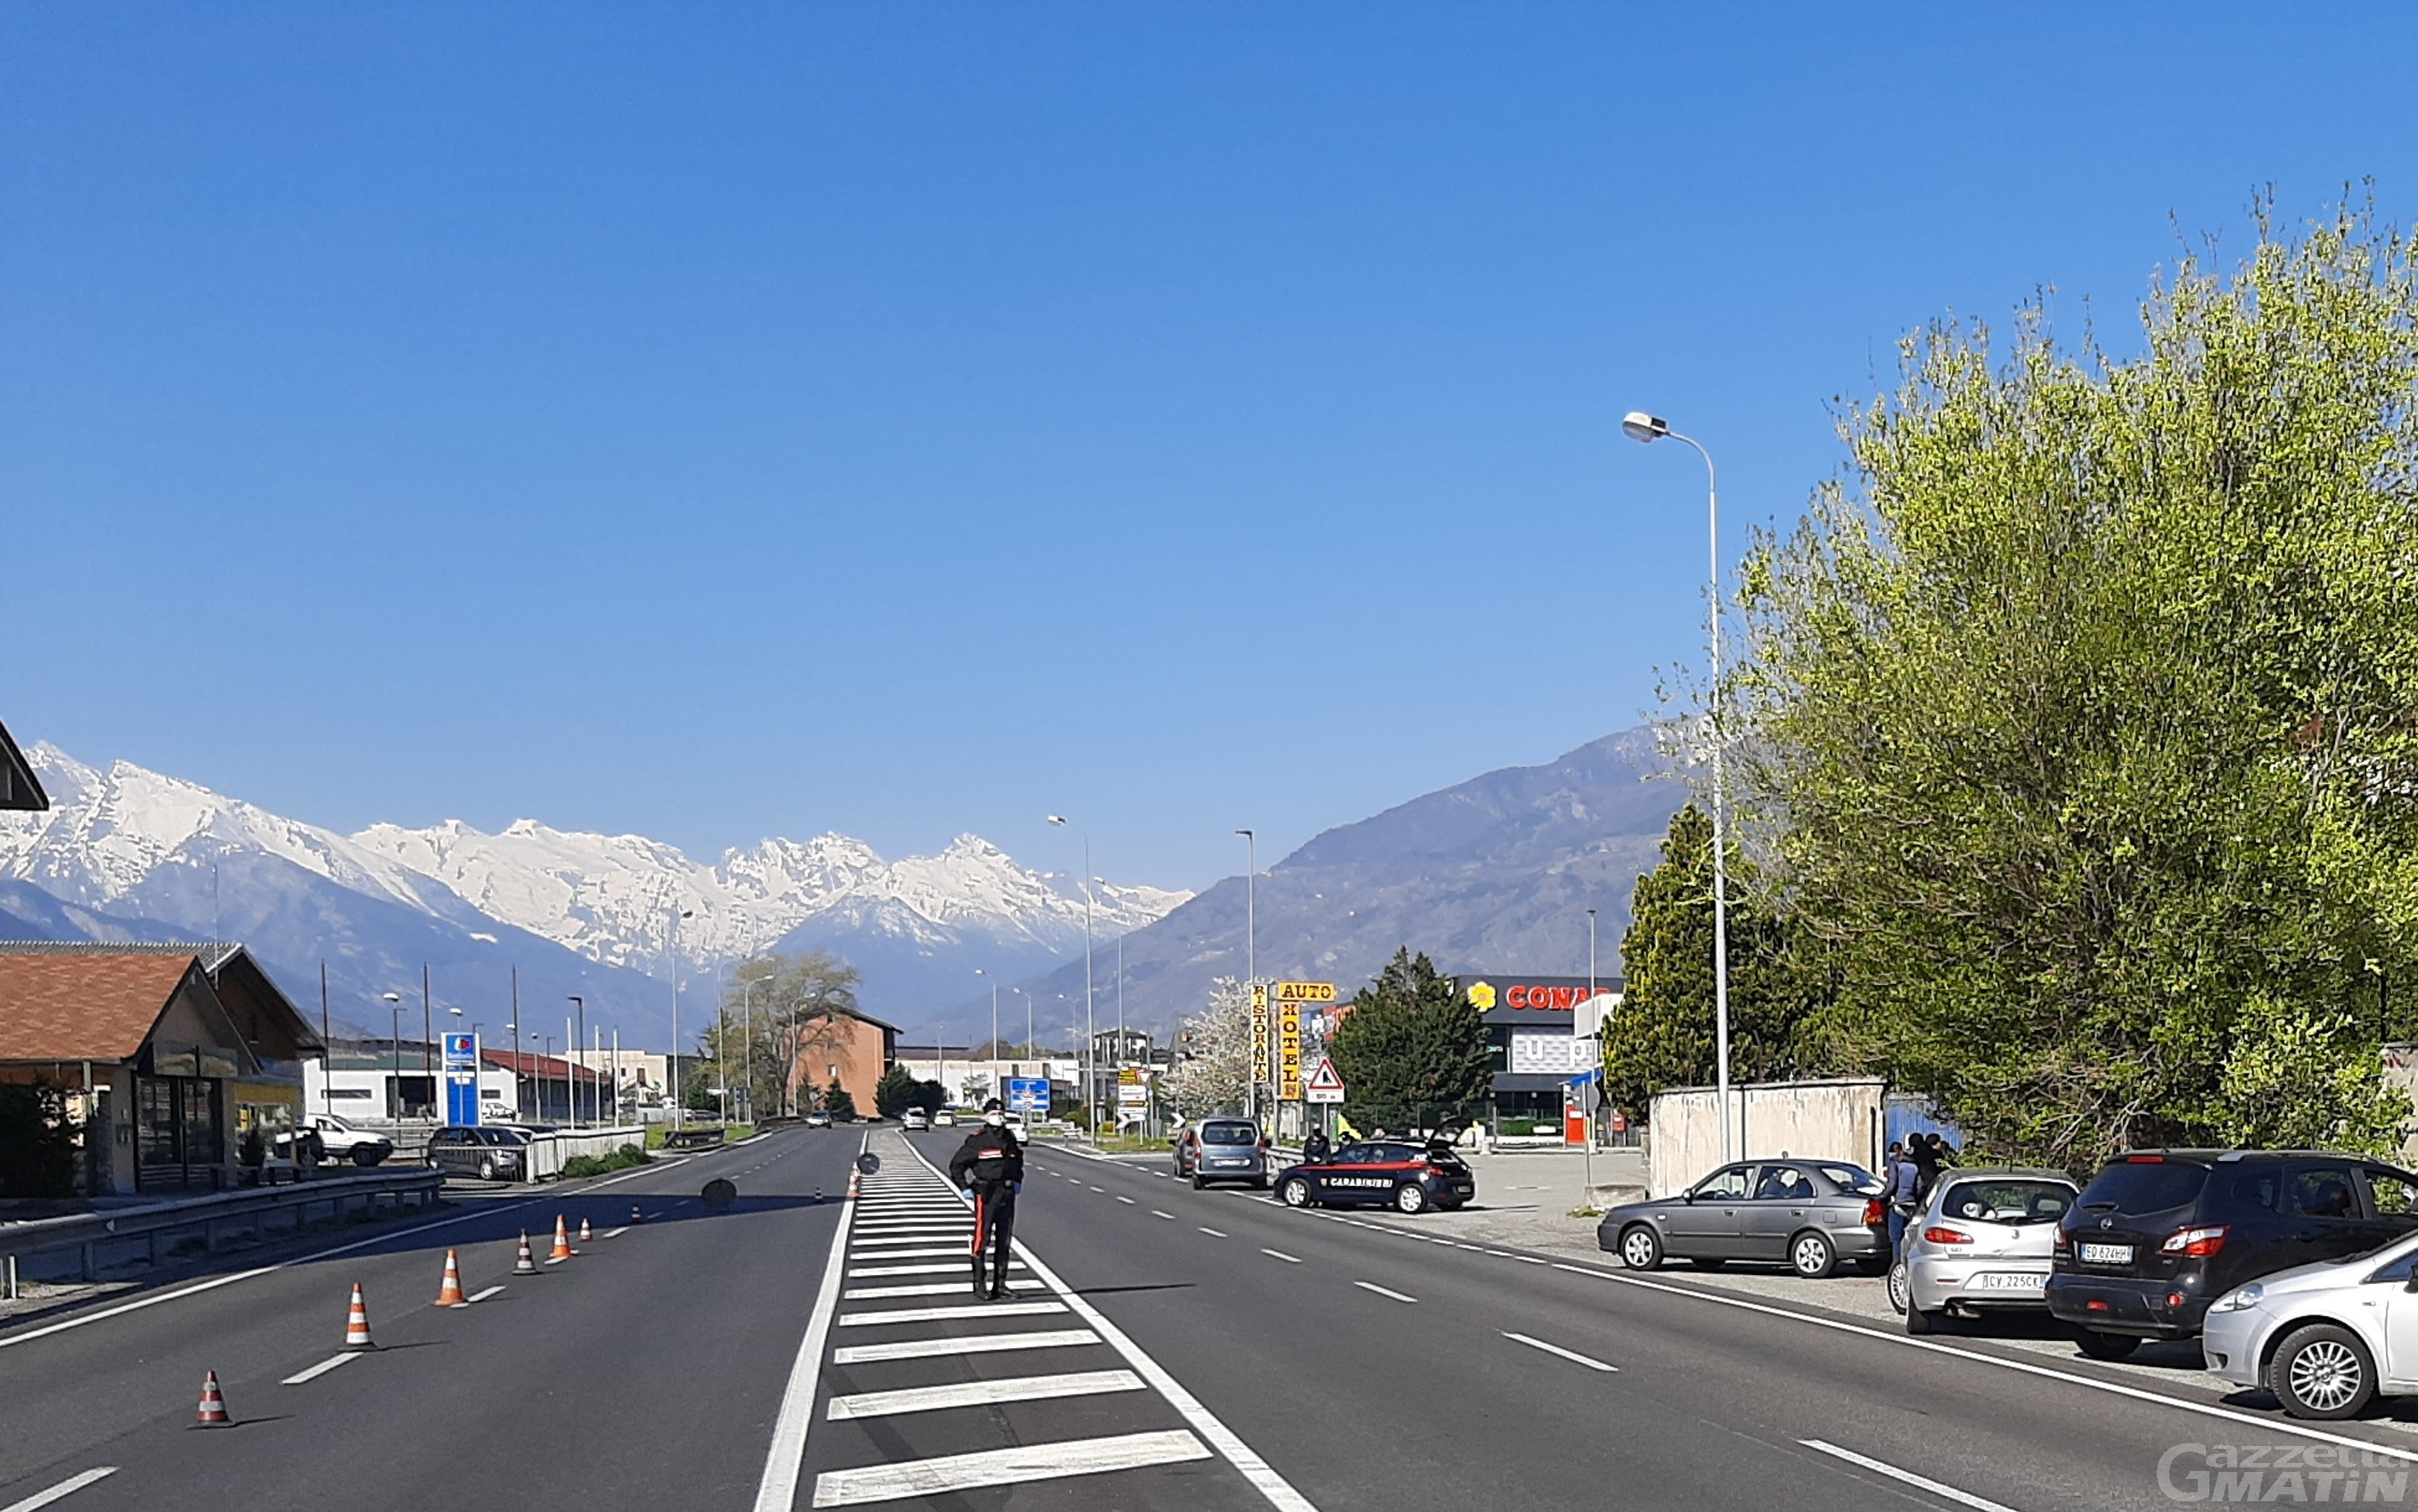 Furbetti delle seconde case: gli accessi alla Valle d'Aosta saranno controllati 24 ore su 24